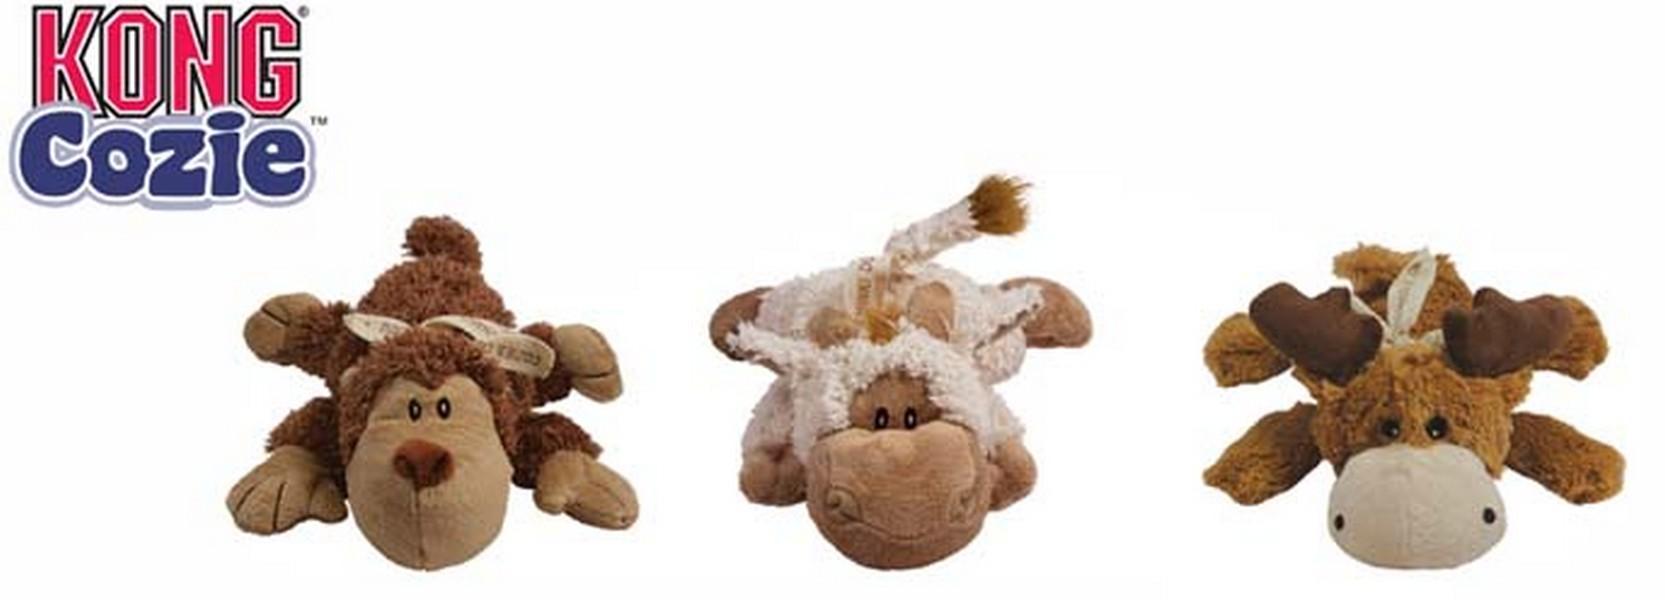 Kong Cozie Natura / Игрушка Конг для собак в ассортименте Обезьянка Барашек Лось Плюш